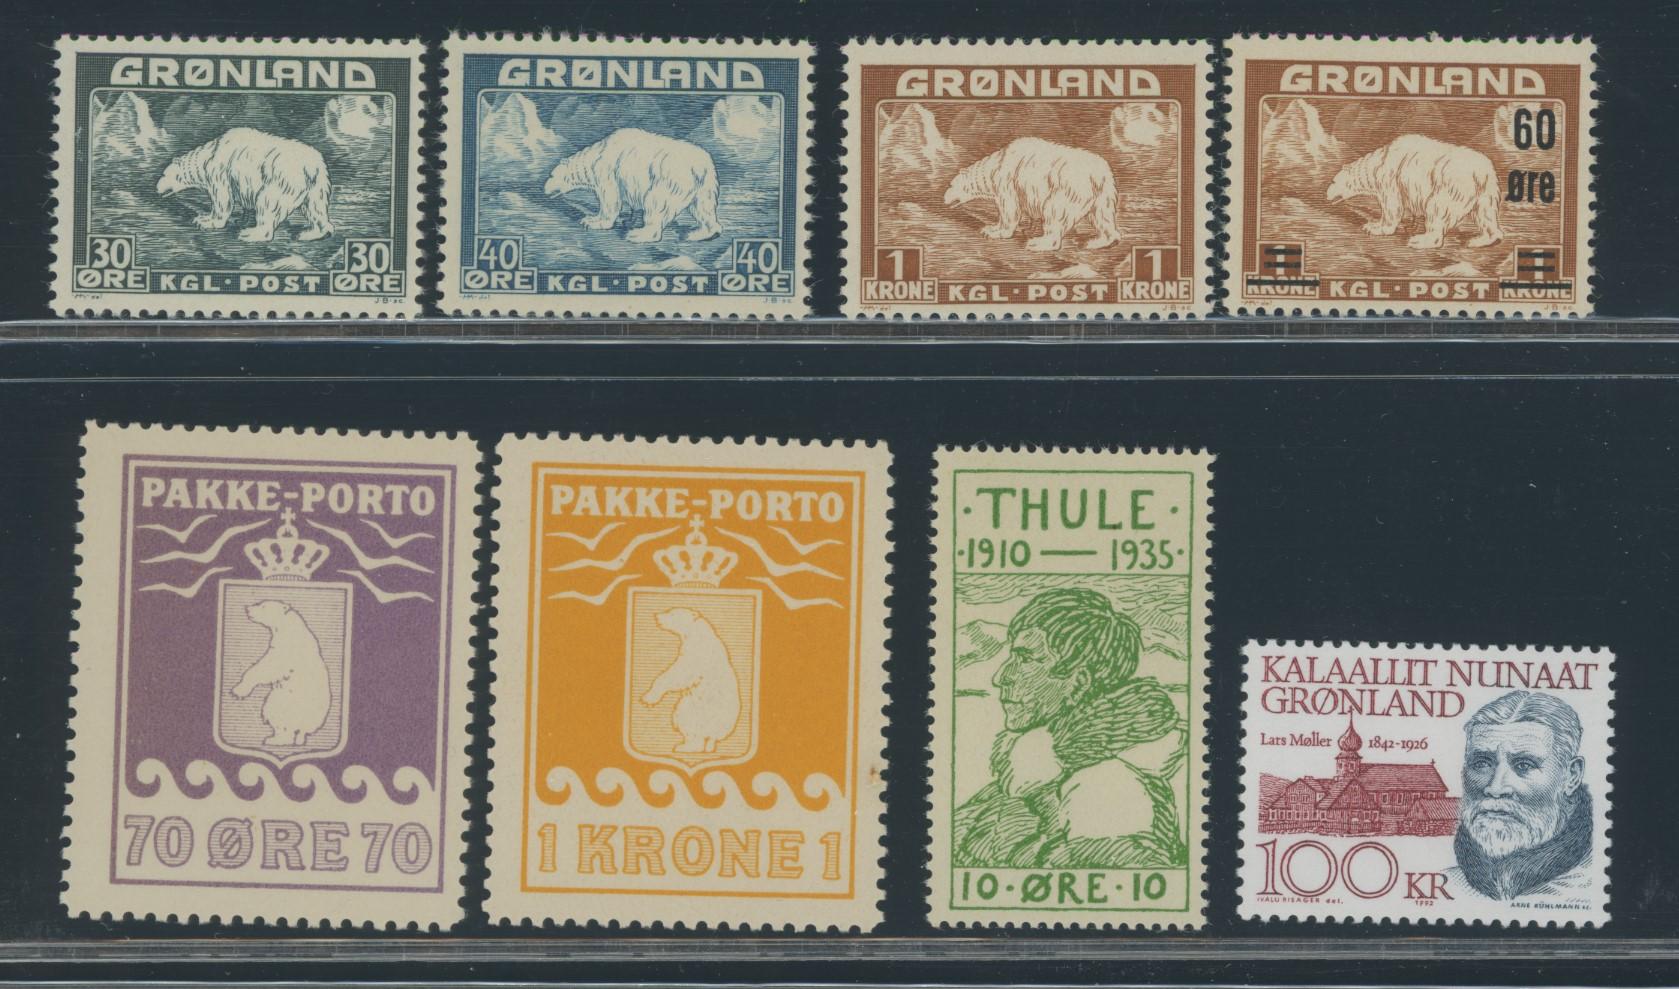 Lot 2009 - Grønland Samlinger og lotter  -  Skanfil Auksjoner AS  Public auction 211